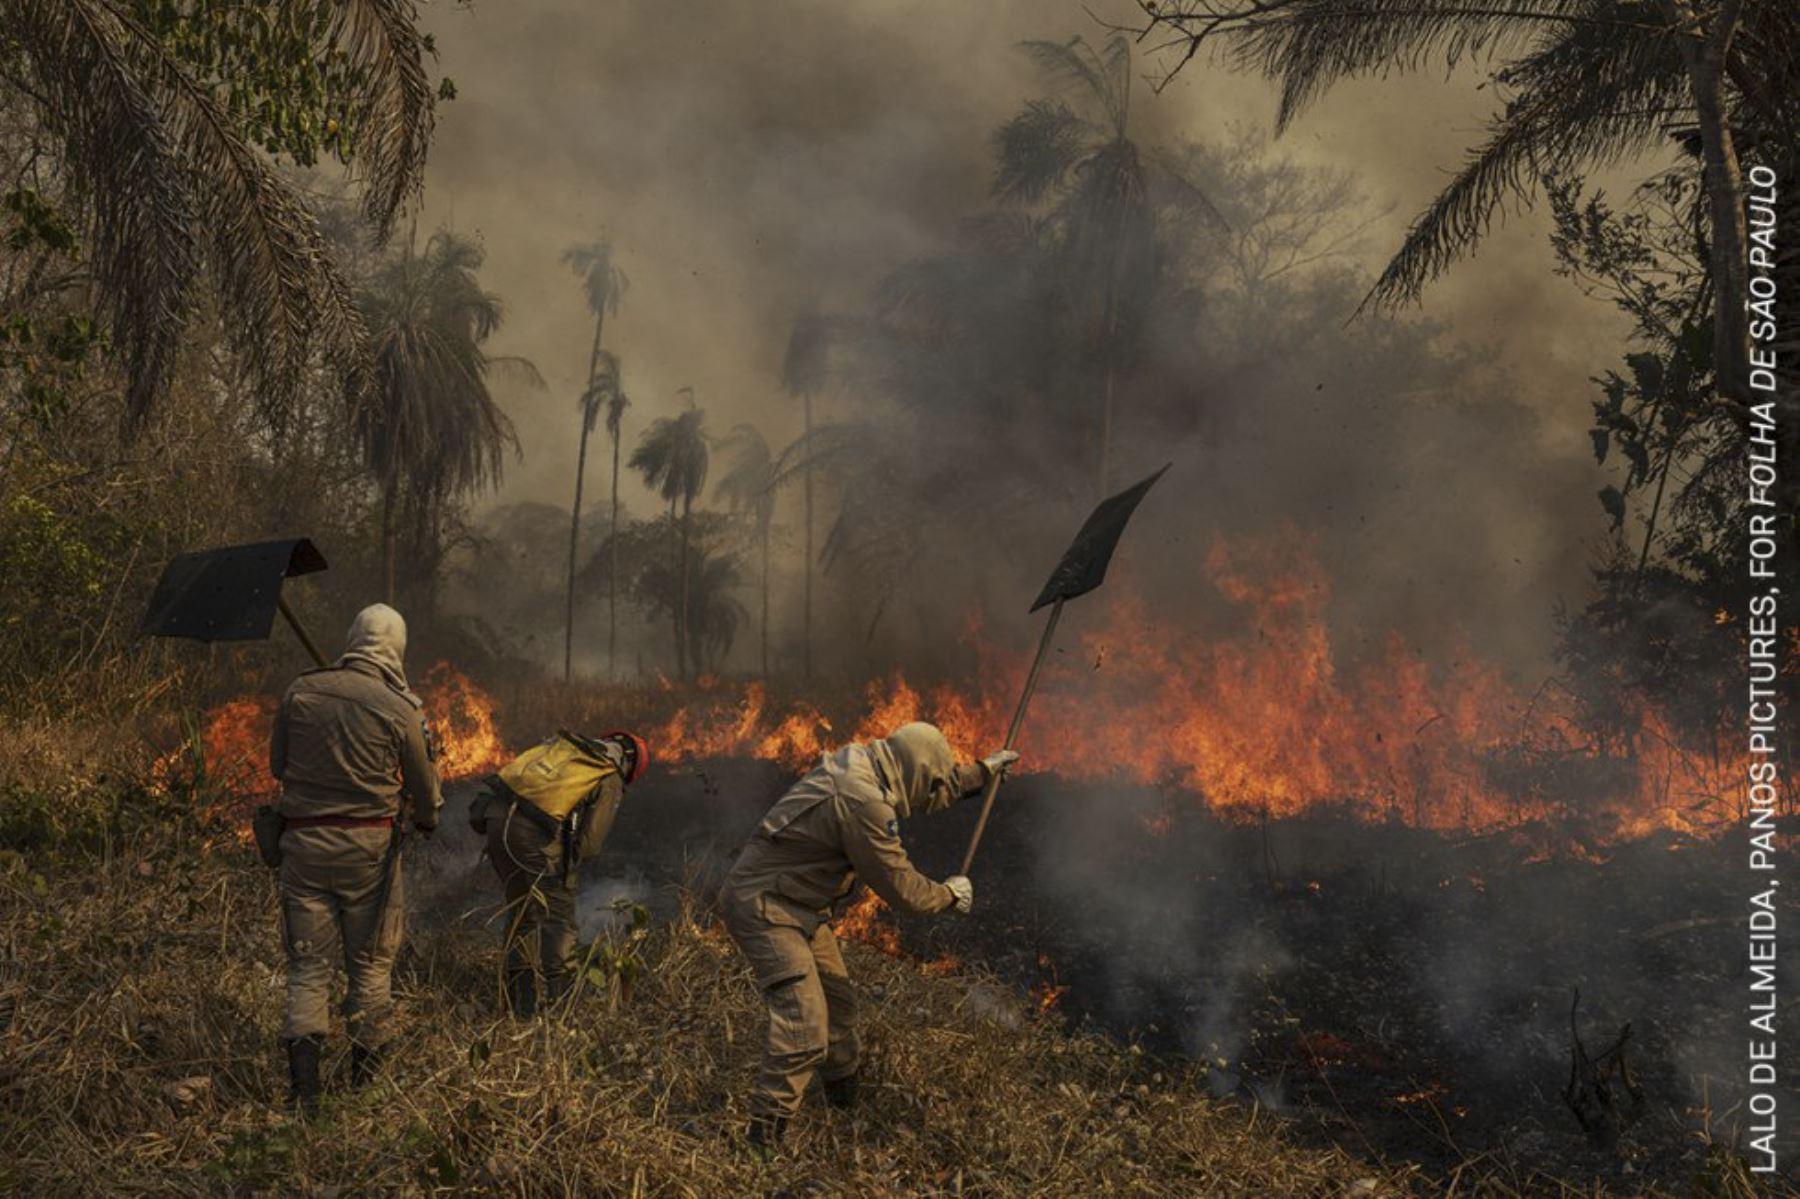 Medio ambiente, serie: Pantanal en llamas. Bomberos combaten un incendio en la granja de Sao Francisco de Perigara, en Brasil. Foto: Lalo de Almeida